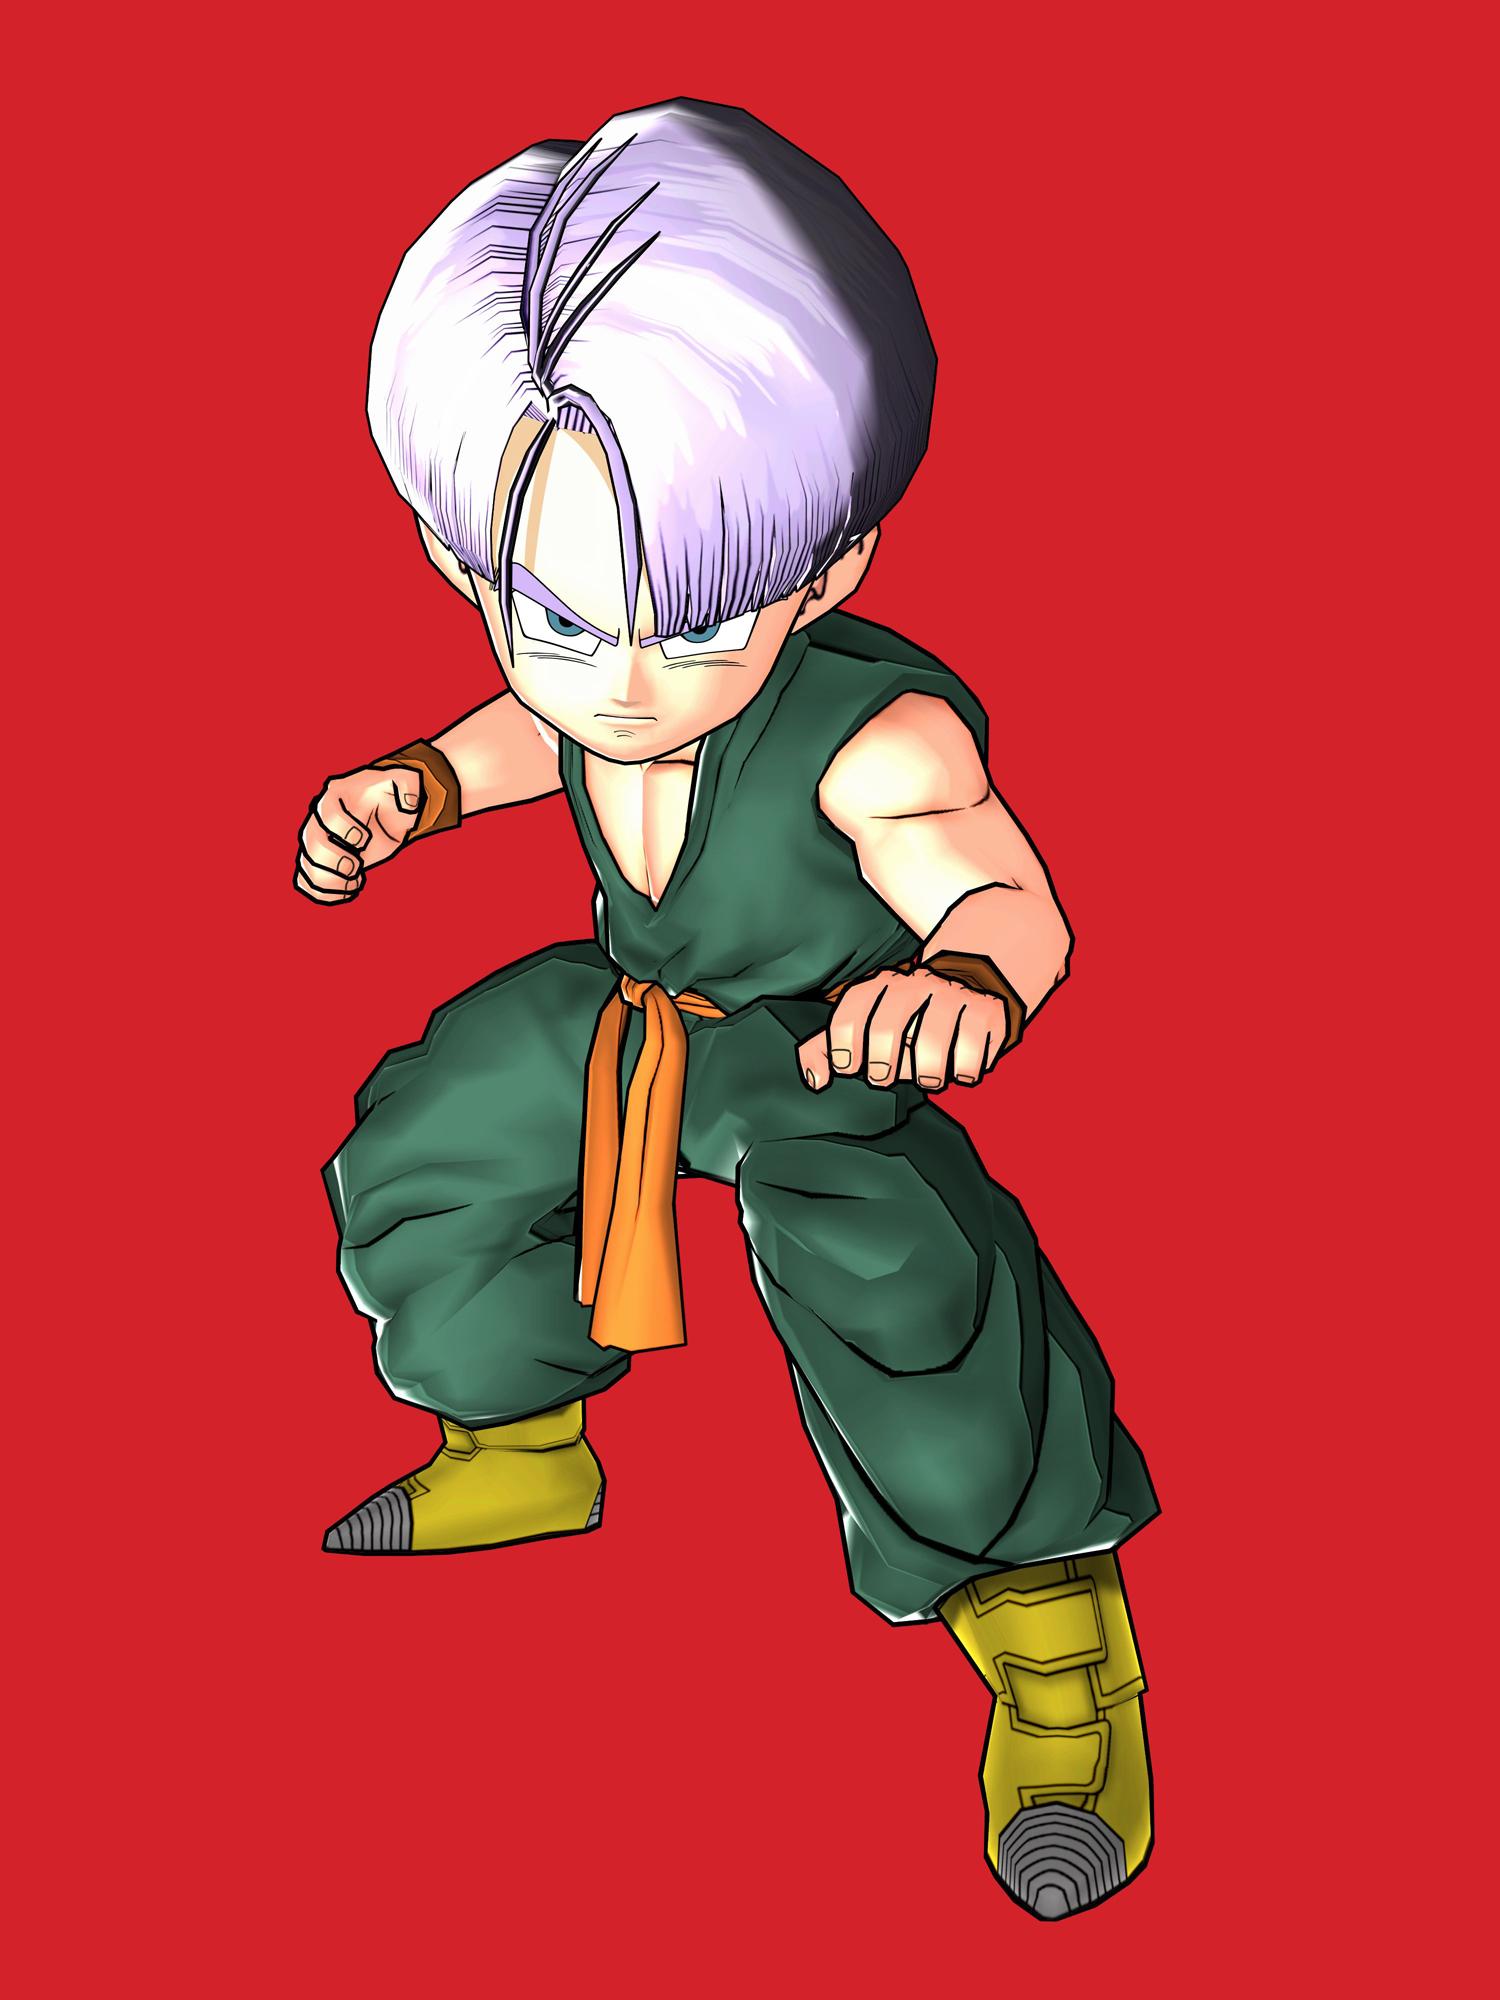 Confirmados nuevos personajes en Dragon Ball Z: Battle of